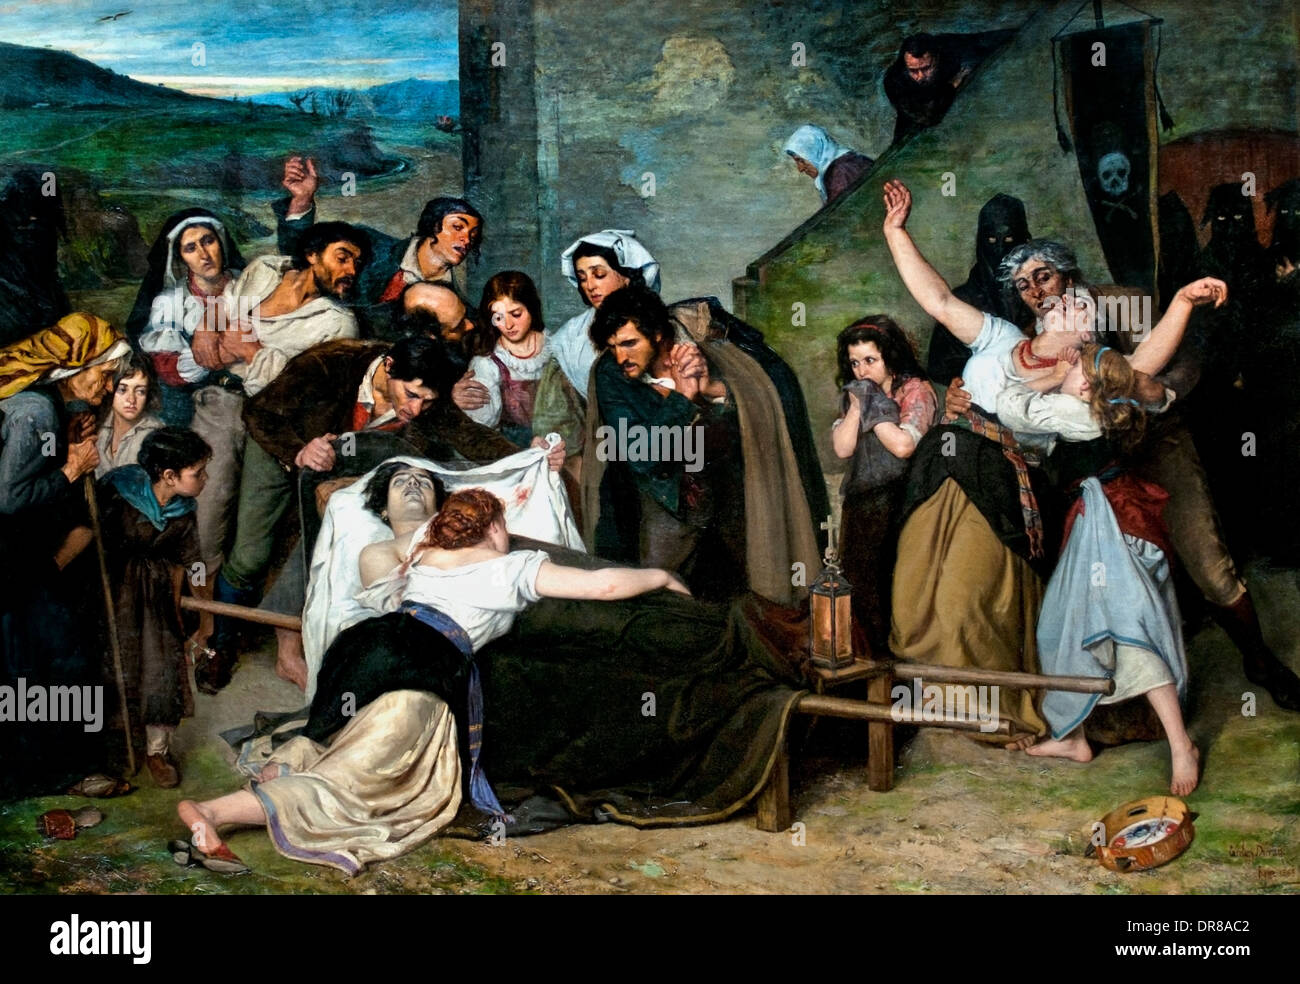 Les meurtres ou souvenir de la Campagne Romaine 1866 Carolus Duran France Français française 1837-1917 Banque D'Images